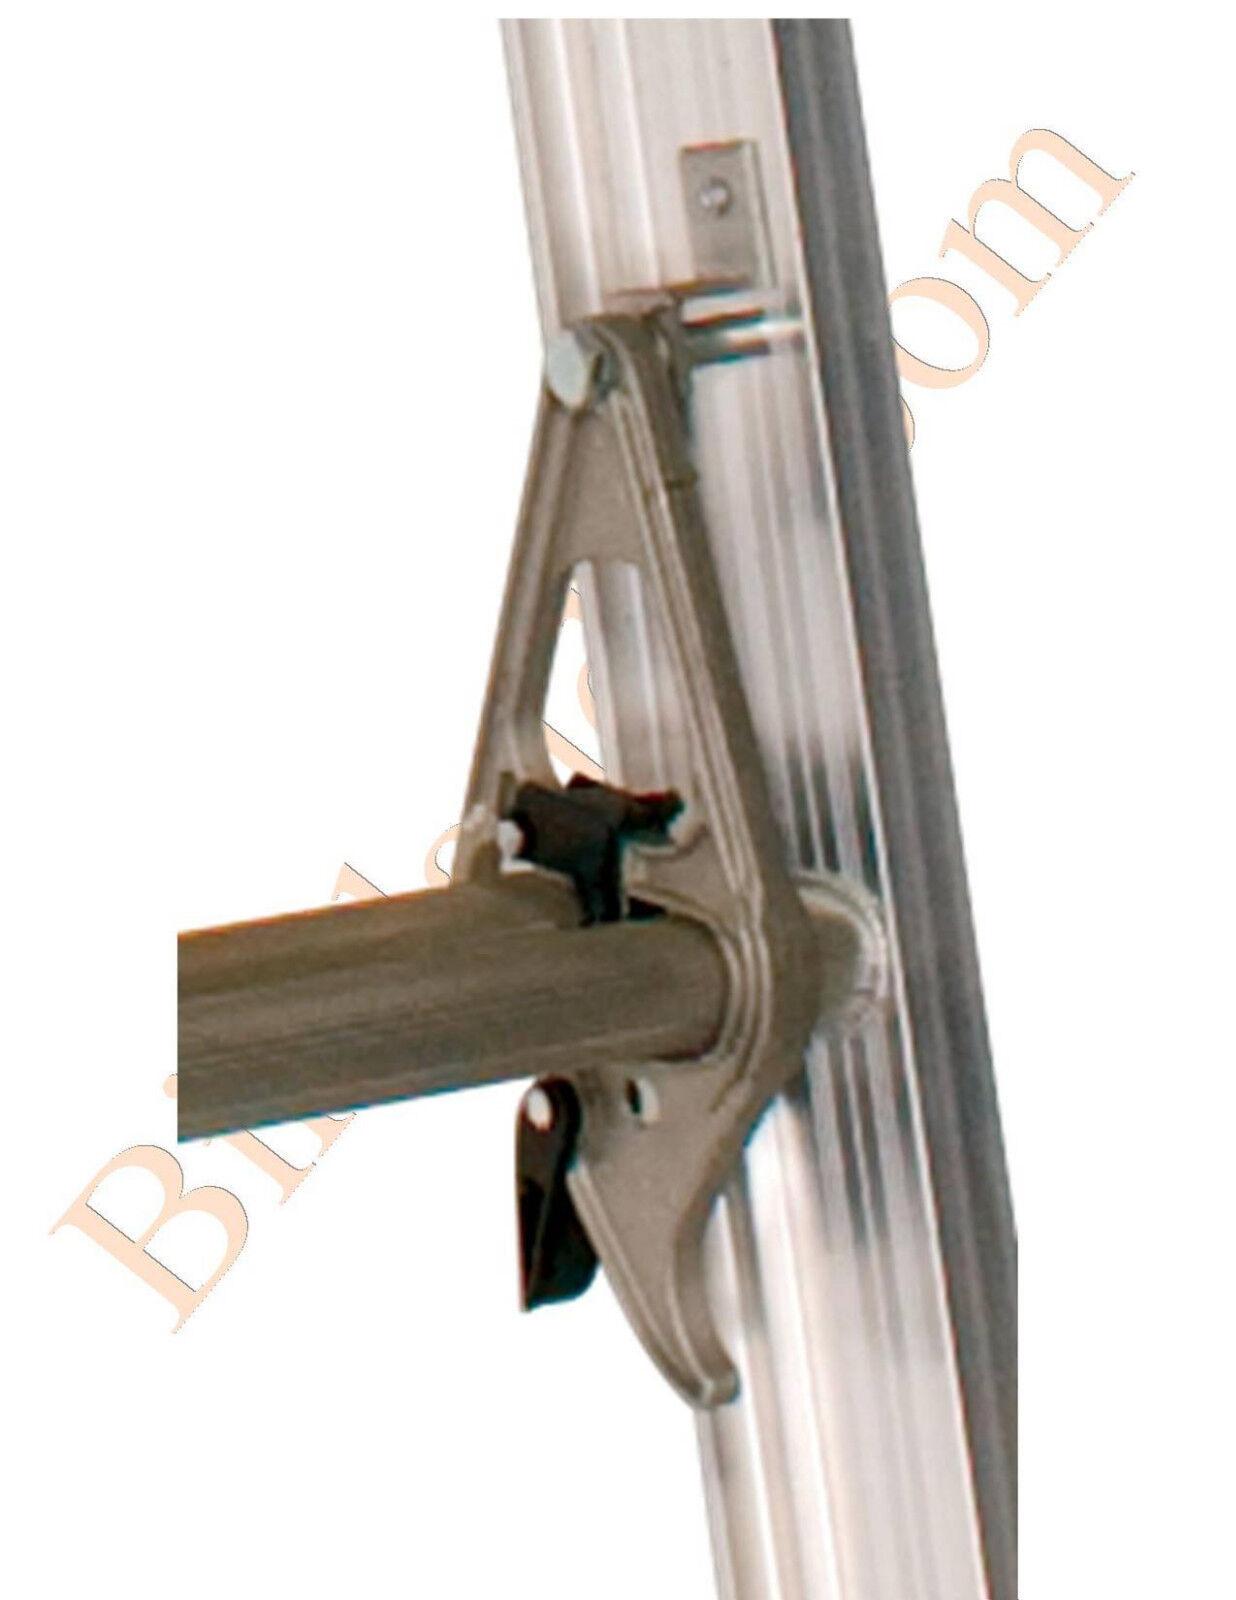 Rung Lock 1 PR PK100D LOUISVILLE